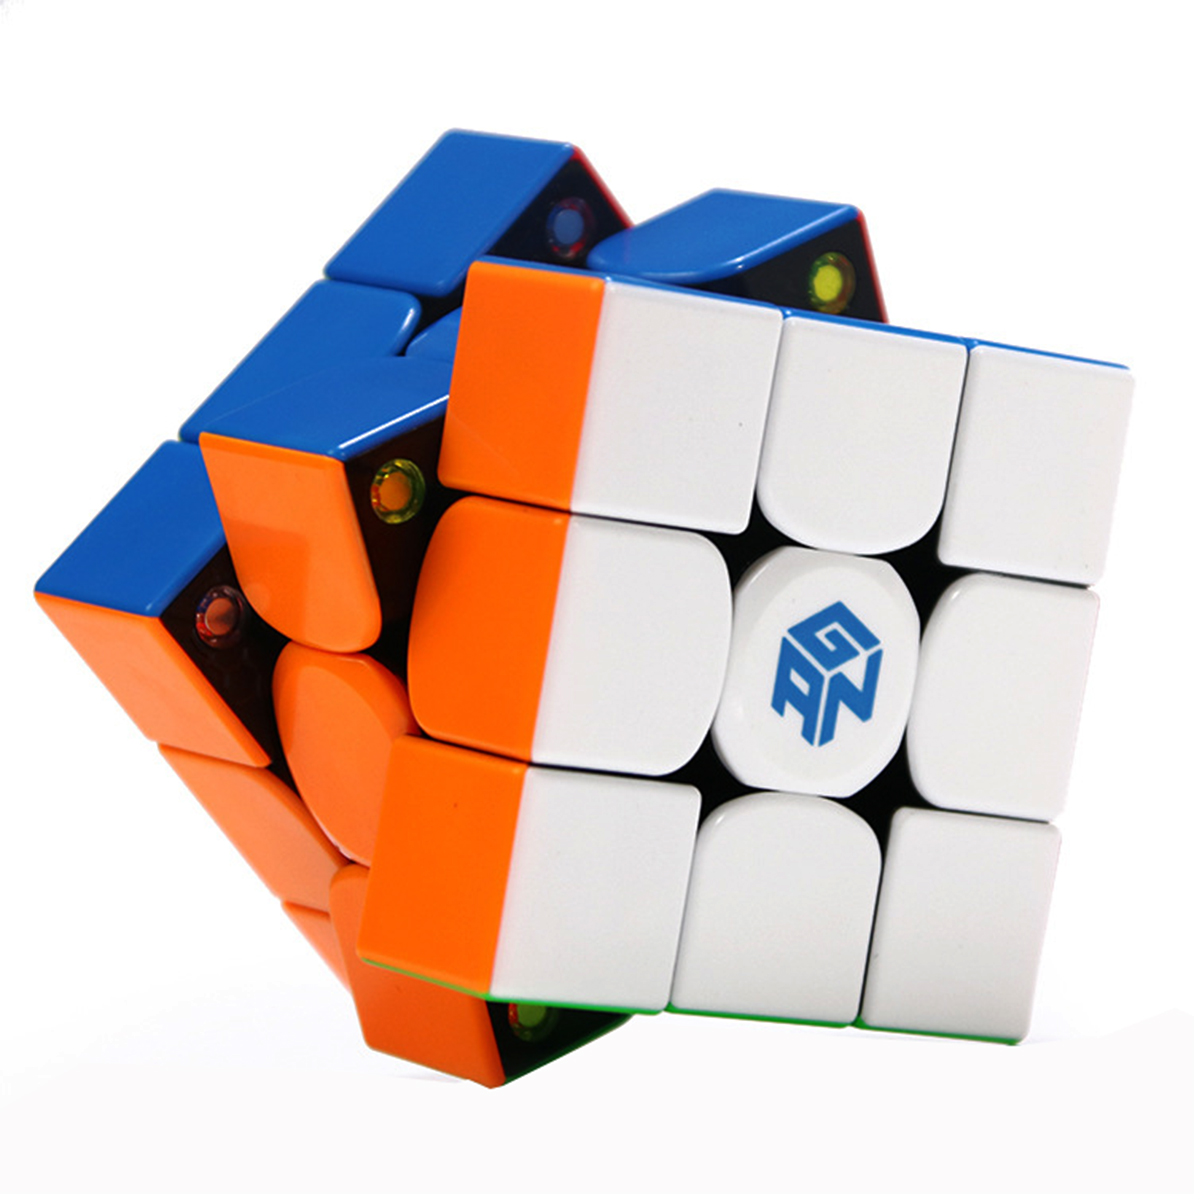 Gan GAN354M 3x3x3 sans autocollant magnétique Gan 354 M Cube magique vitesse Puzzle jeu Cubes jouets éducatifs pour enfants cadeau de noël